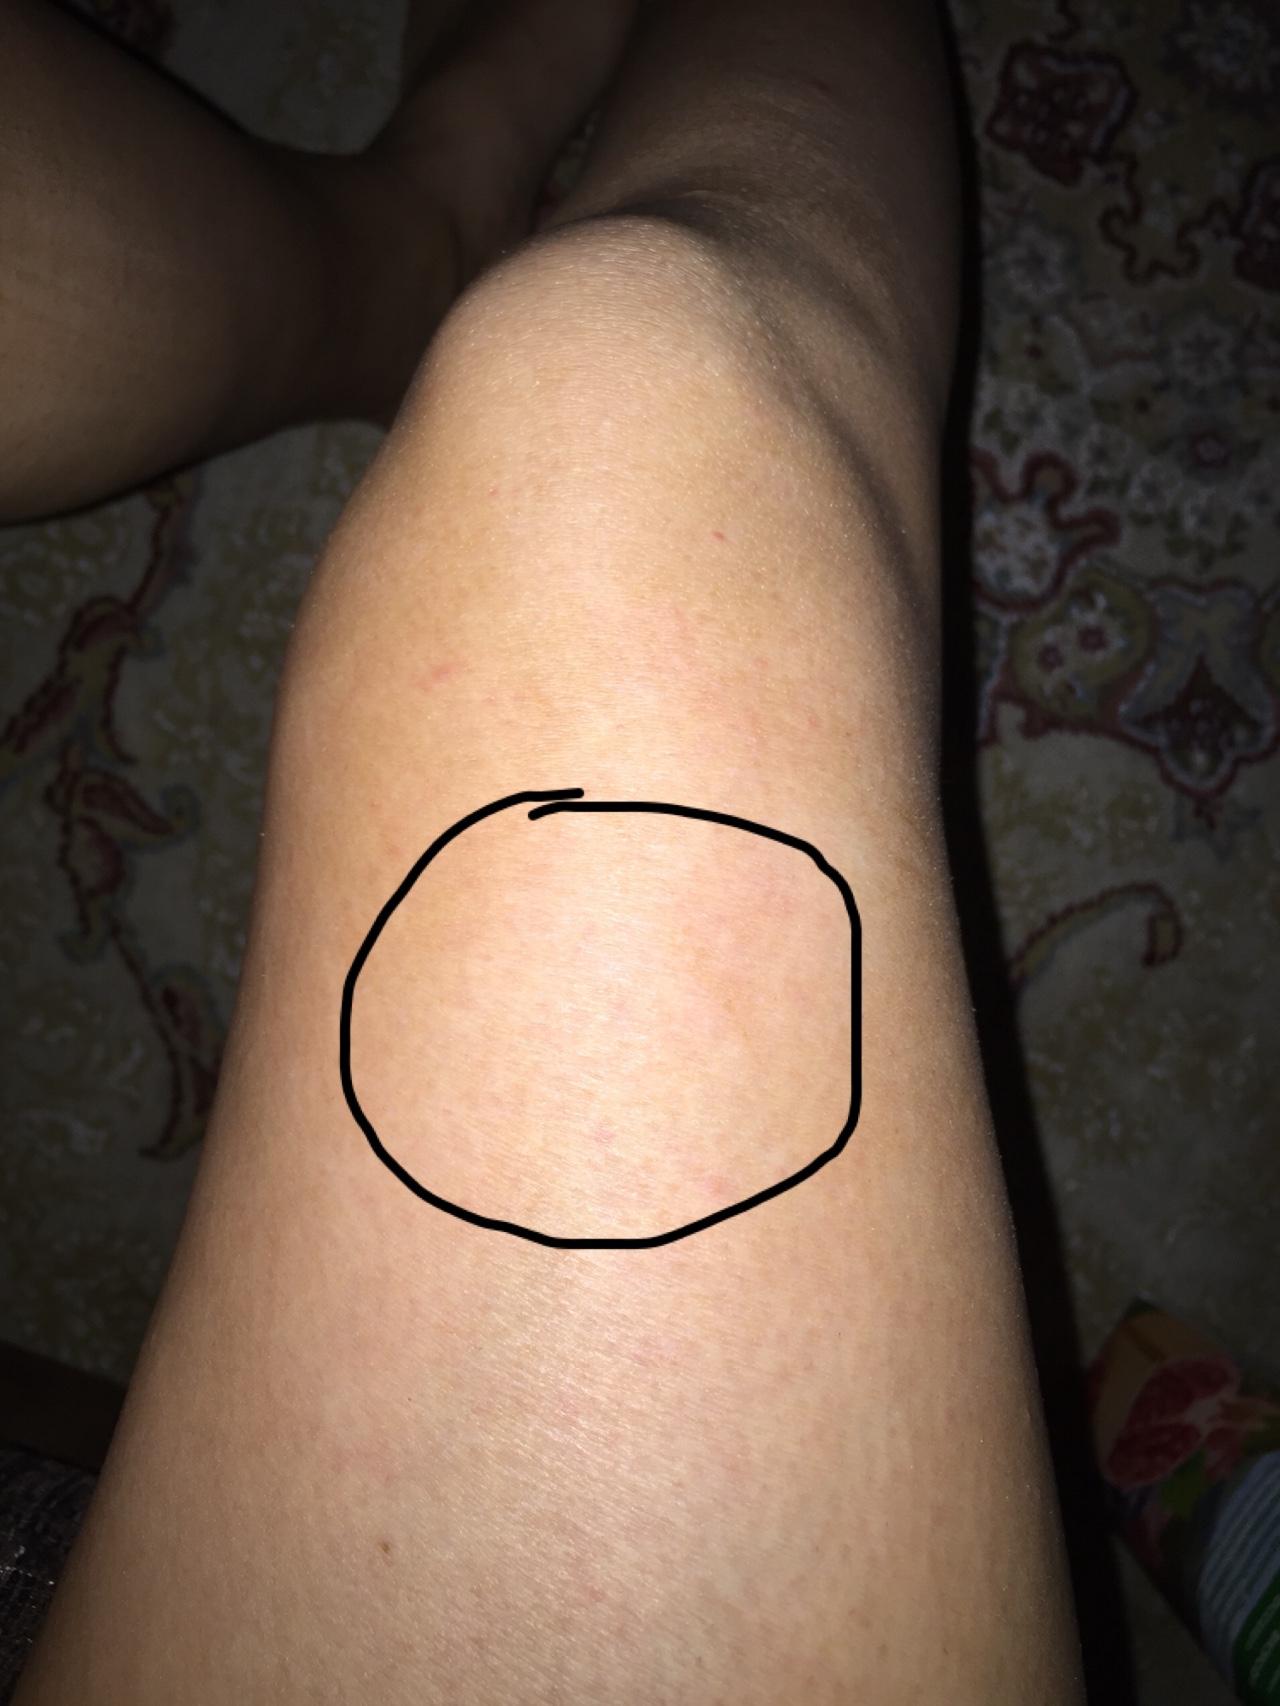 Шишка на ноге возле щиколотки